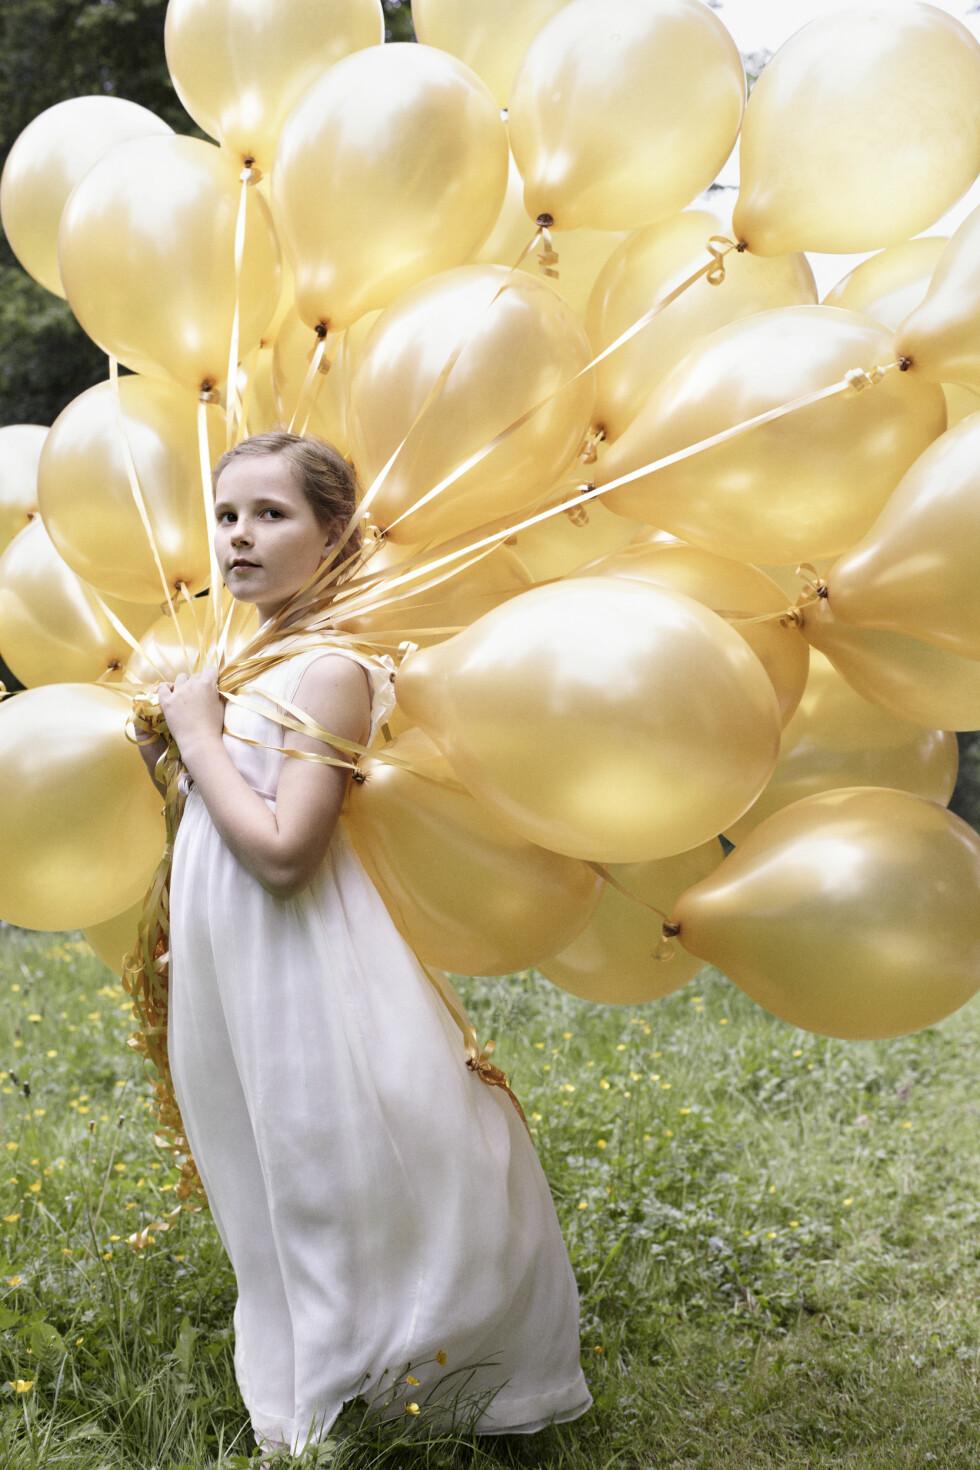 FRA PRINSESSE TIL DRONNING: Prinsesse Ingrid Alexandra (11) er nummer to i arverekken til den norske tronen, etter sin far kronprins Haakon (42). Dette bildet er tatt i 2013. Foto: Det kongelige hoff ved Sølve Sundsbø